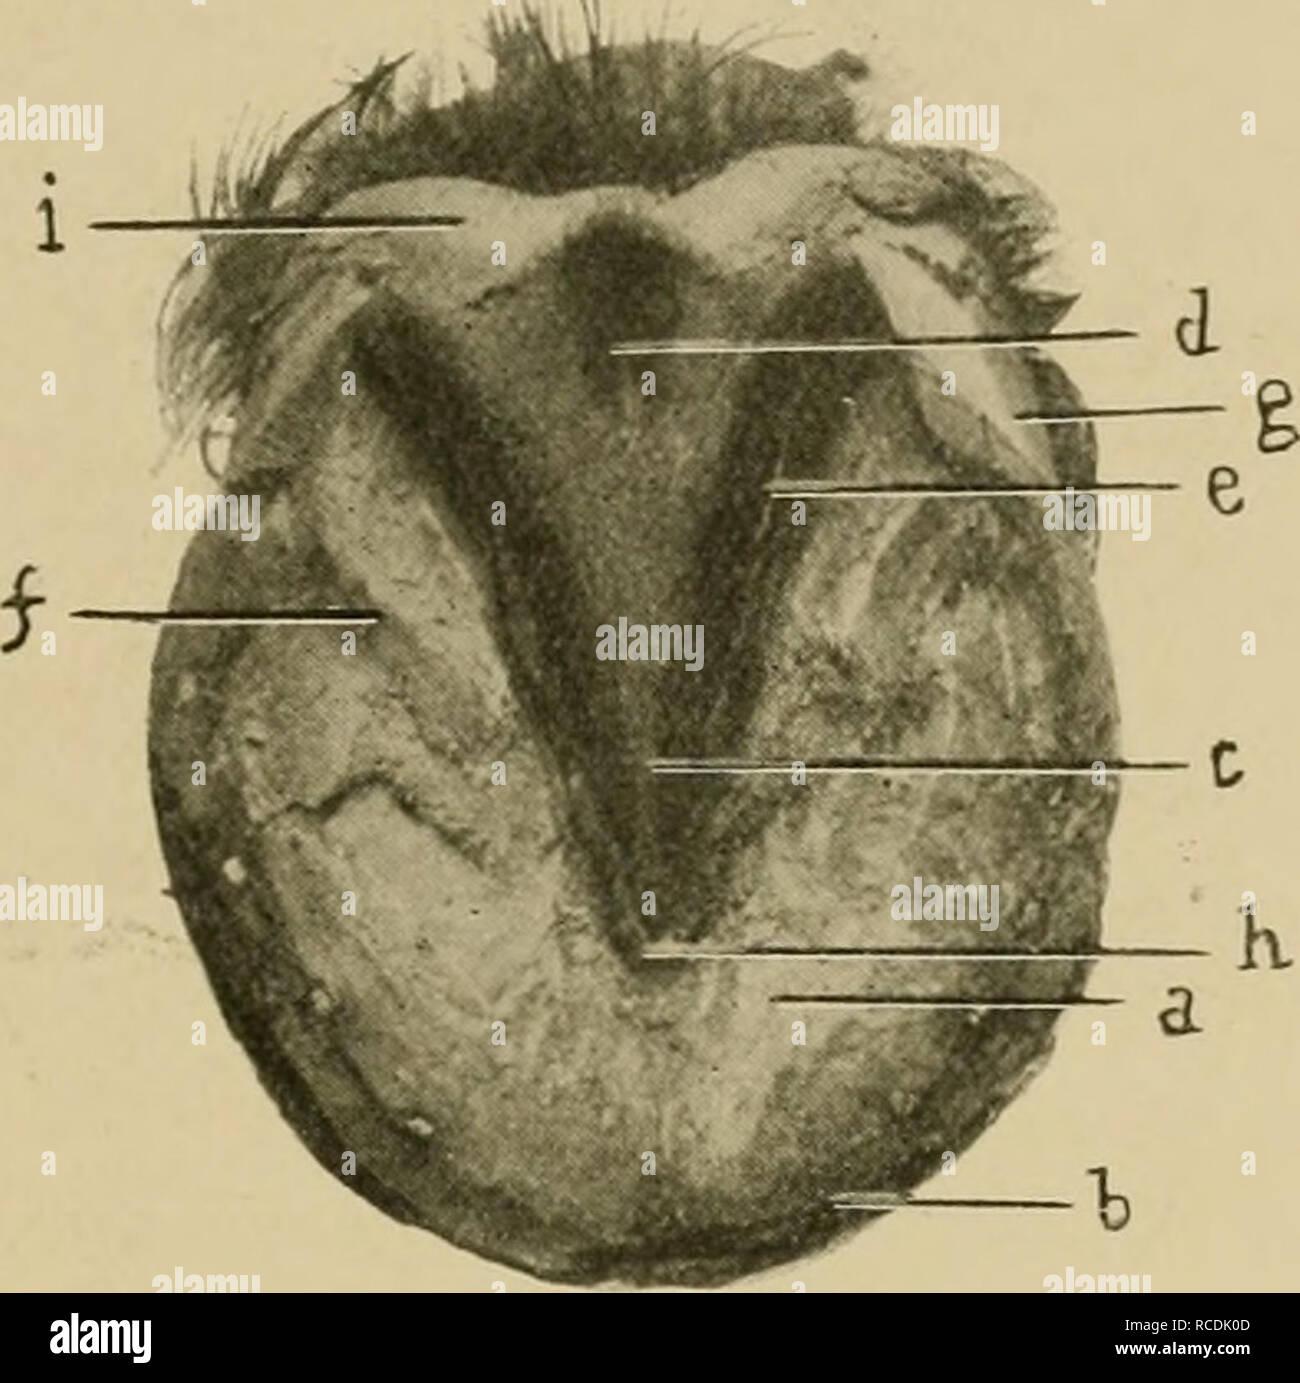 . Les maladies du pied du cheval. Sabots; chevaux. Anatomie RÉGIONALE 41 toe-sera vu une petite crête en forme de un, qui est une continuation directe de la même importance en forme avant mentionné sur la face interne du mur. Ce Fleming a qualifié la toe-séjour, à partir d'une idée qu'elle sert à maintenir la position de l'os pedis. L'ensemble de la face supérieure de la semelle est considérée avec de nombreux cov,crevaisons fine qui reçoivent les papillse sensibles de l'unique. La face inférieure est concave, plus ou moins selon les circonstances, sa partie la plus profonde d'être au point de la grenouille. À partir de la pente thi Photo Stock